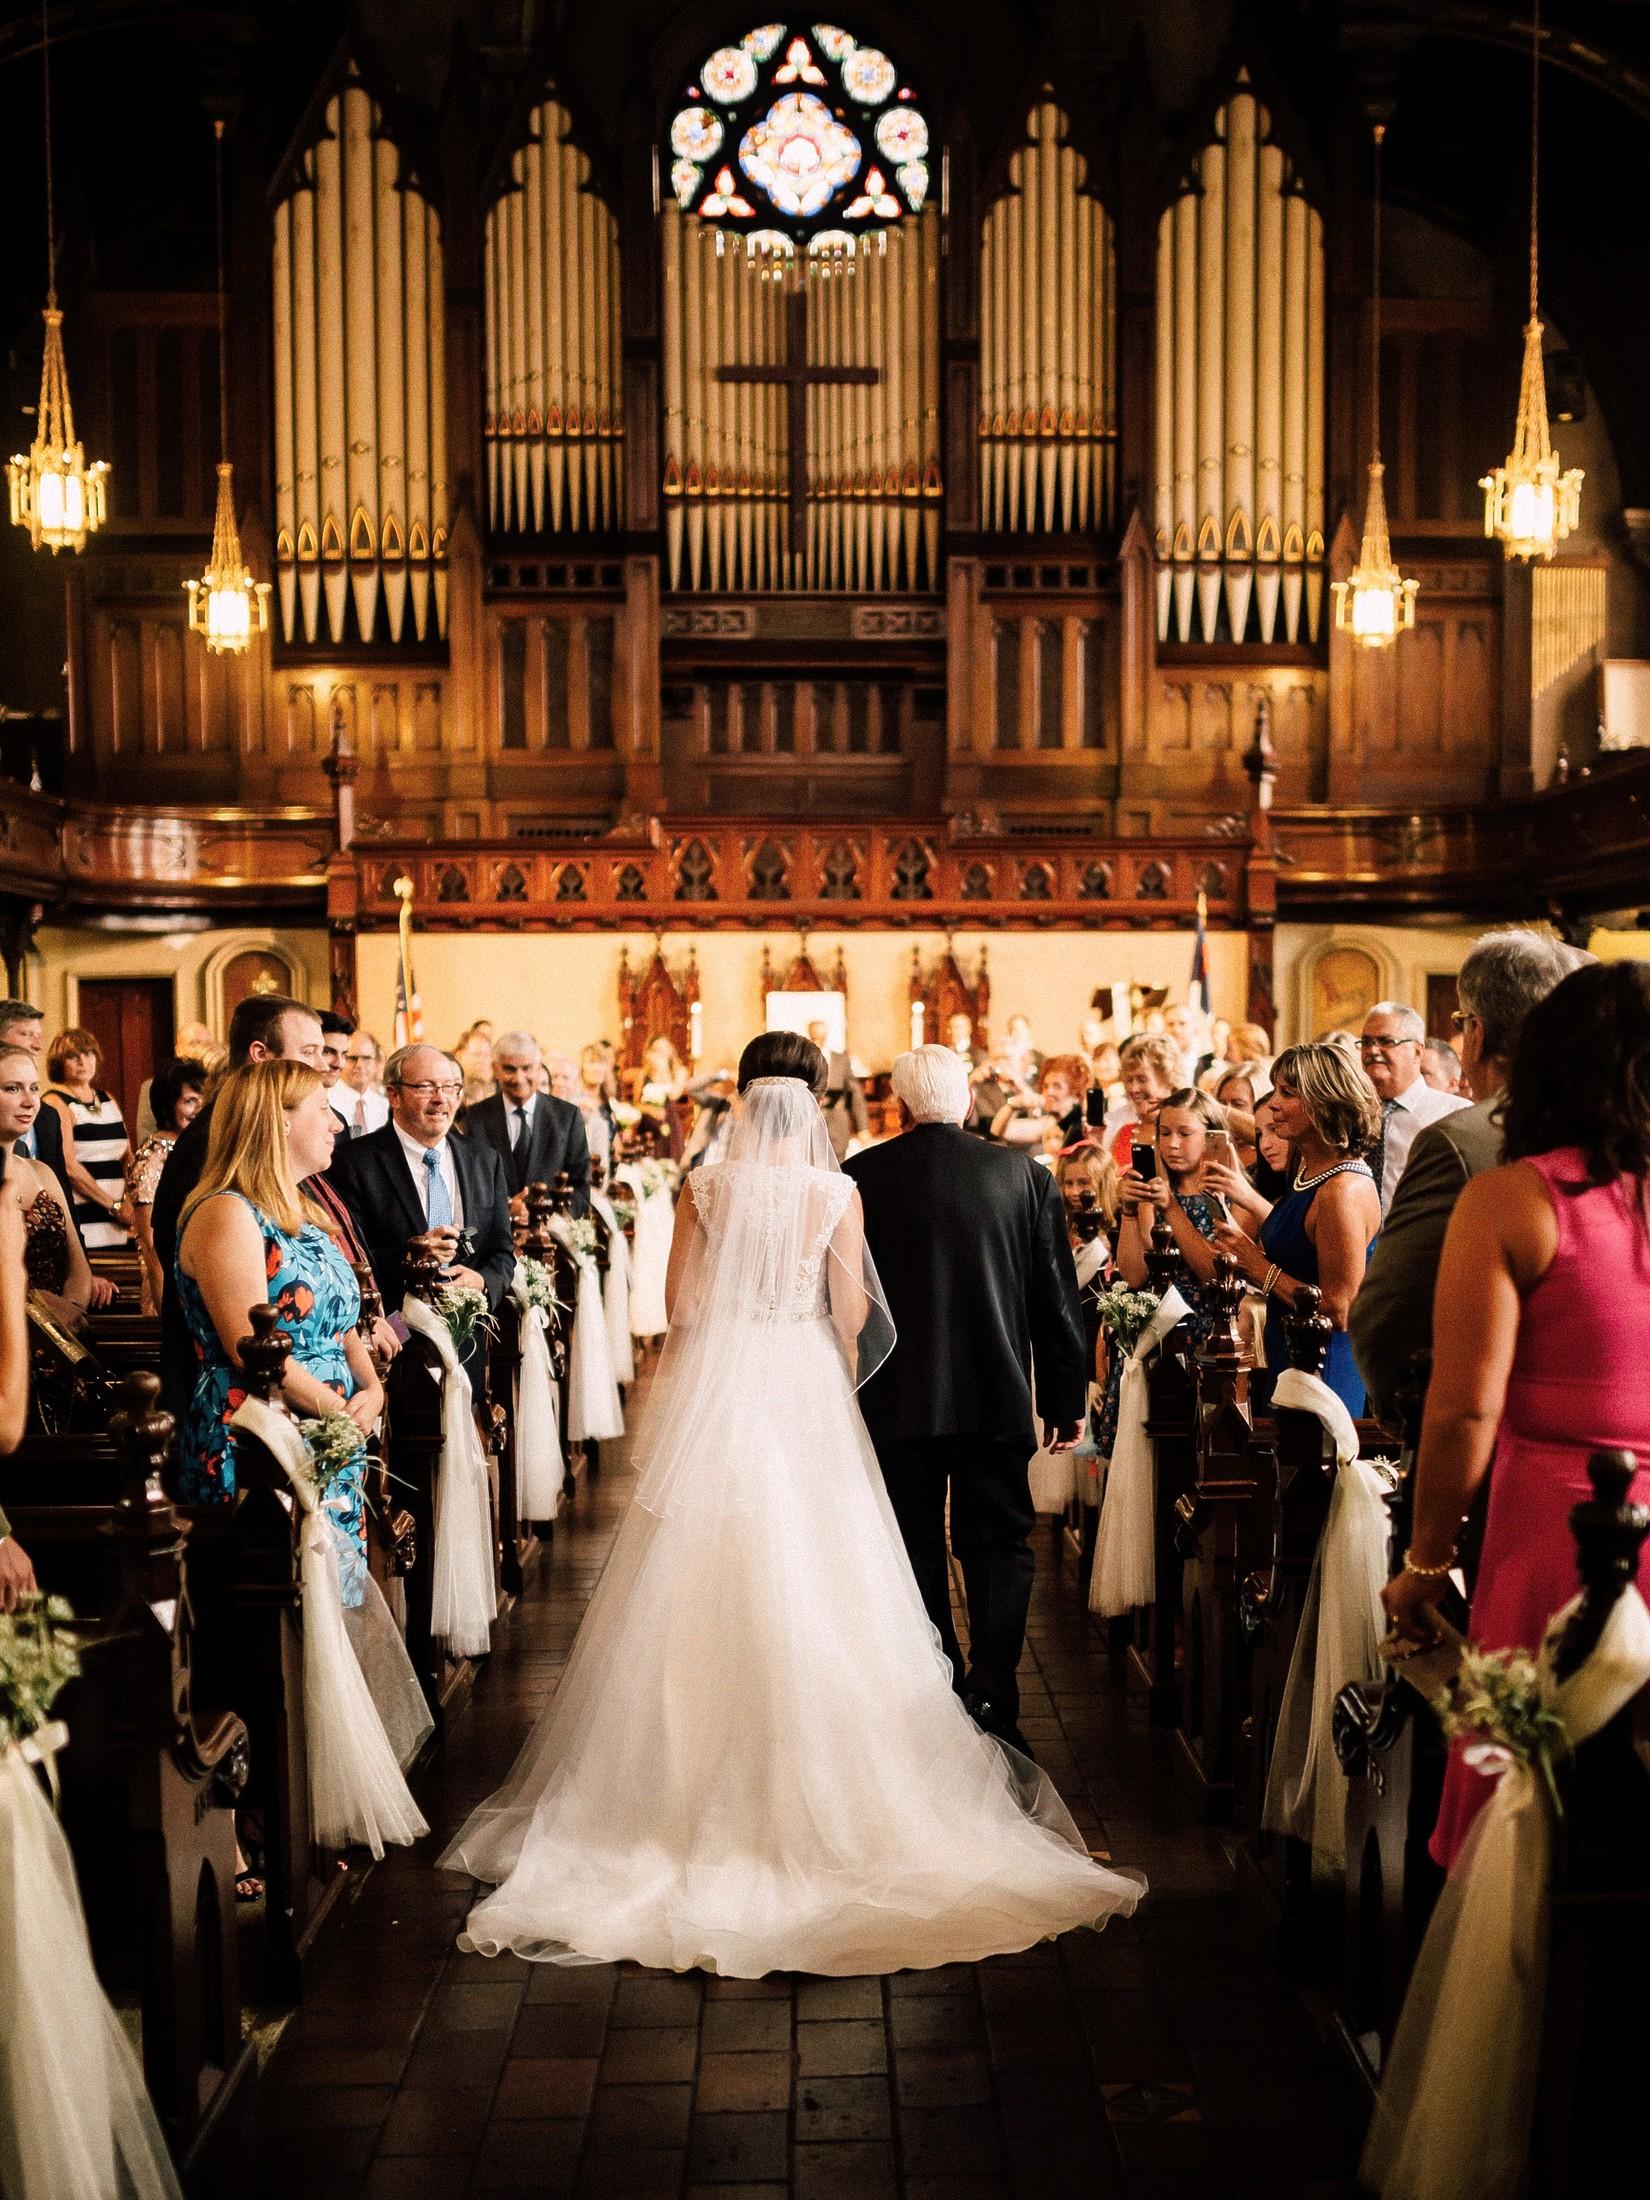 detroit_wedding_blaine_siesser_0020_std.jpg